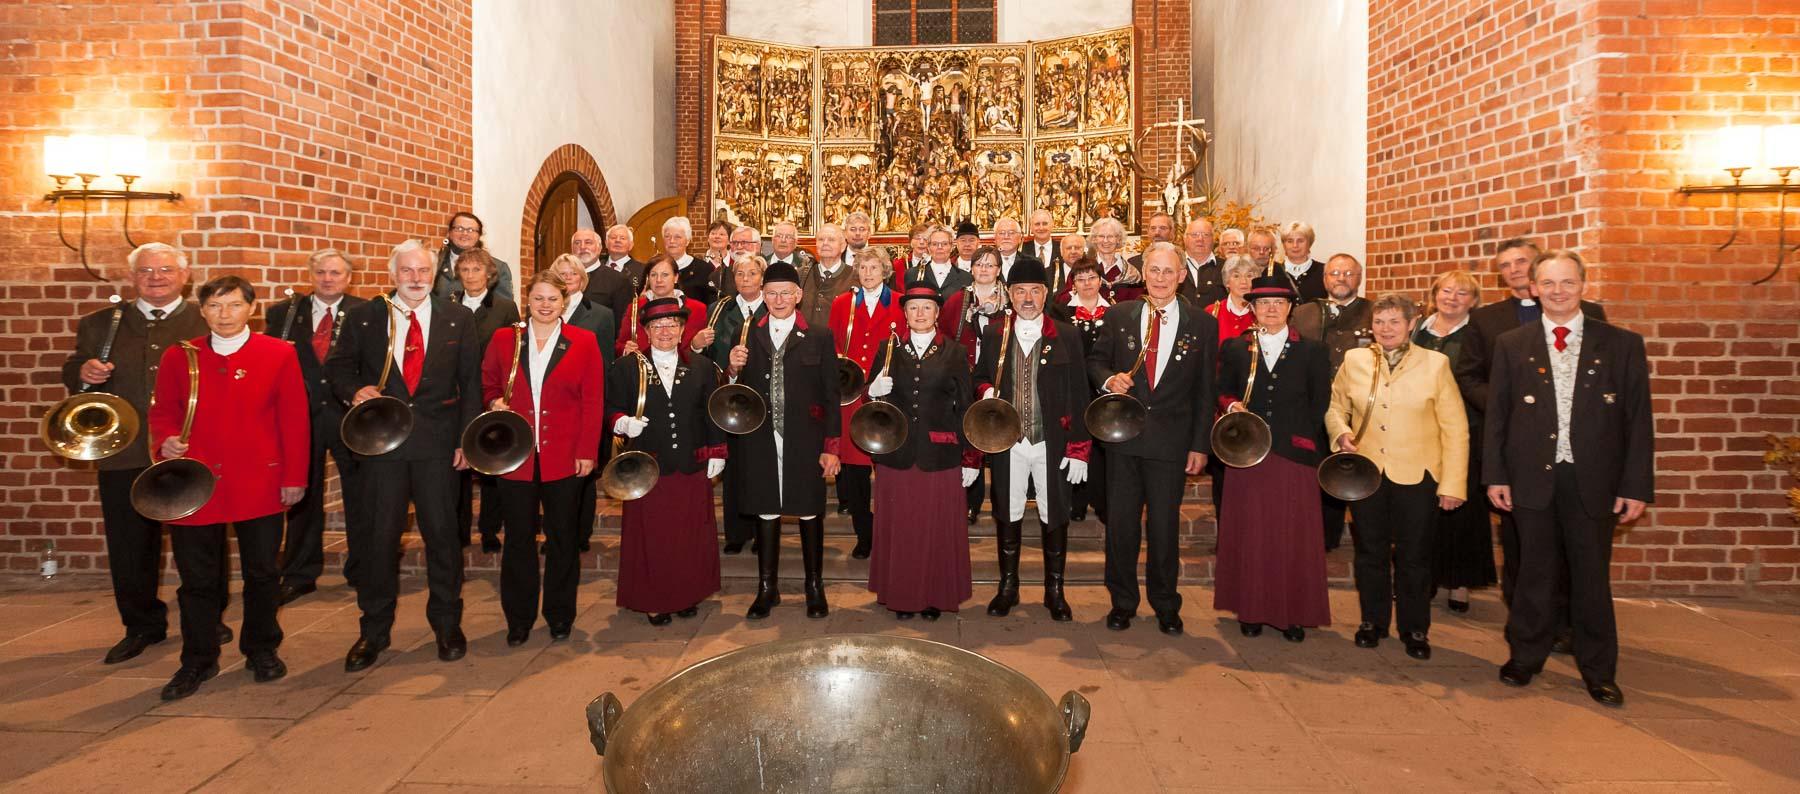 Bläser, Jäger und Gäste feierten in der Bad Segeberger St.-Marienkirche das 10-jährige Jubiläum der schleswig-holsteinischen Landeshubertusmesse